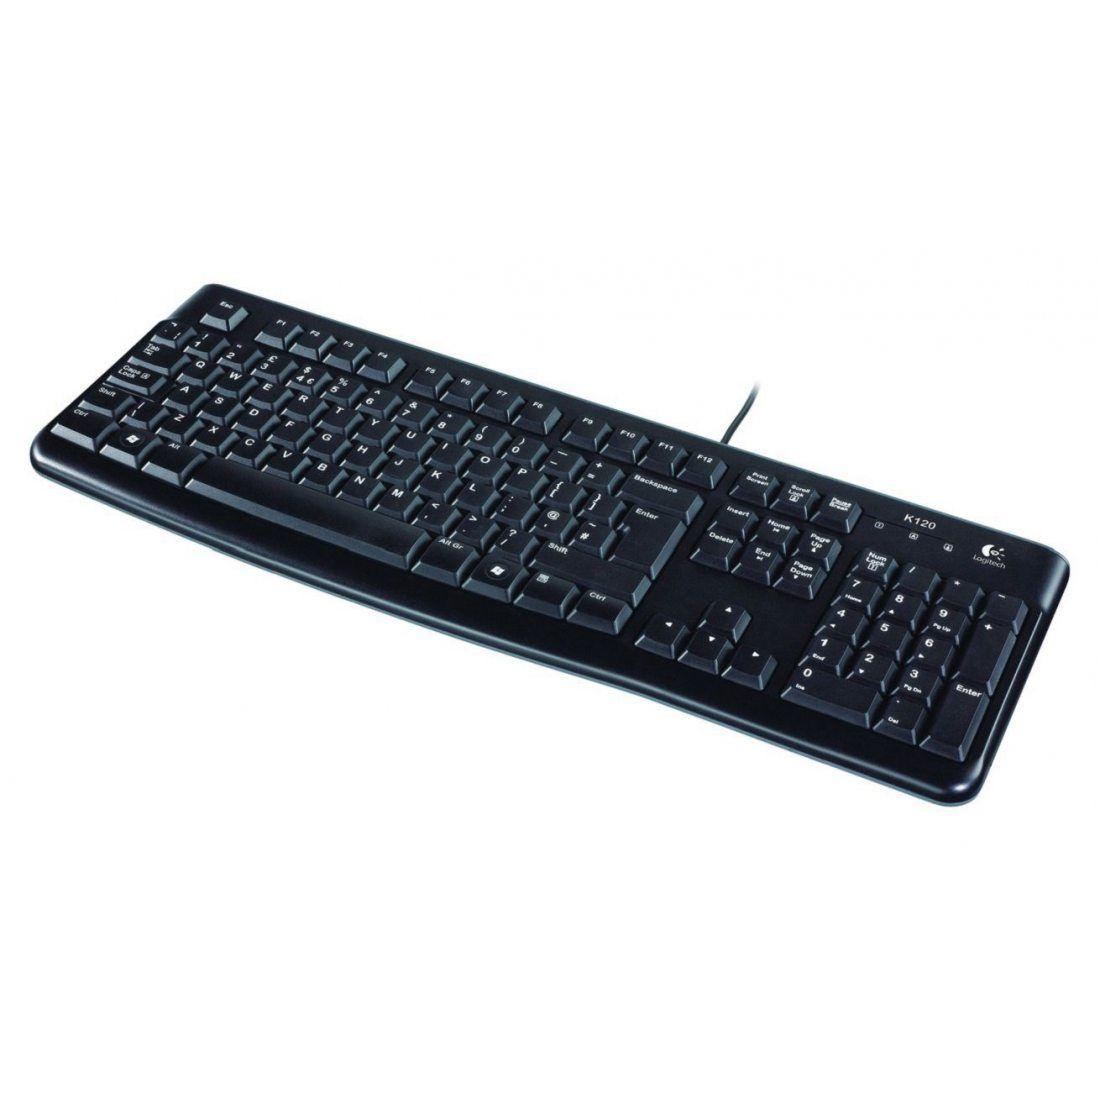 Logitech Keyboard K120 Clavier filaire AZERTY USB Noir